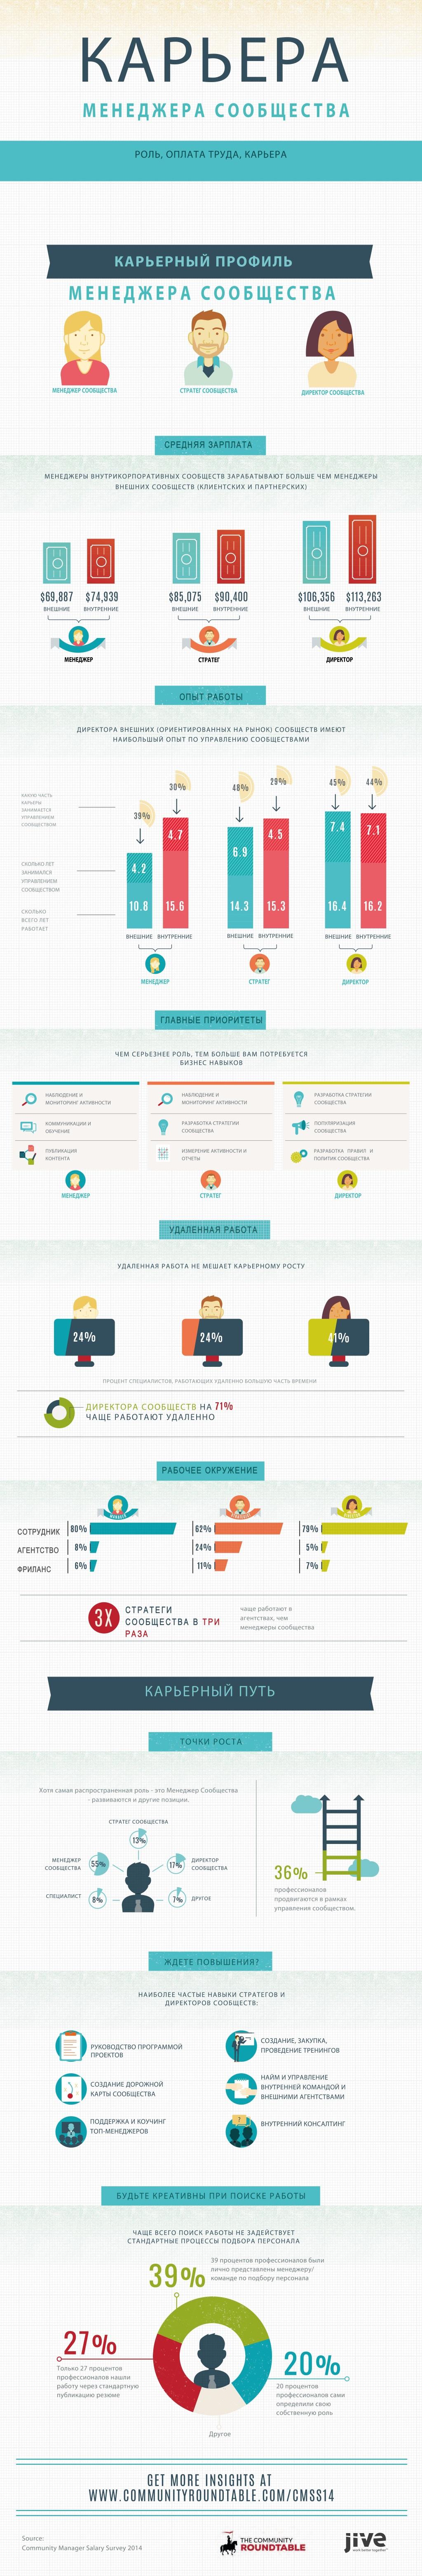 Все про профессию менеджера сообщества (инфографика) - 2